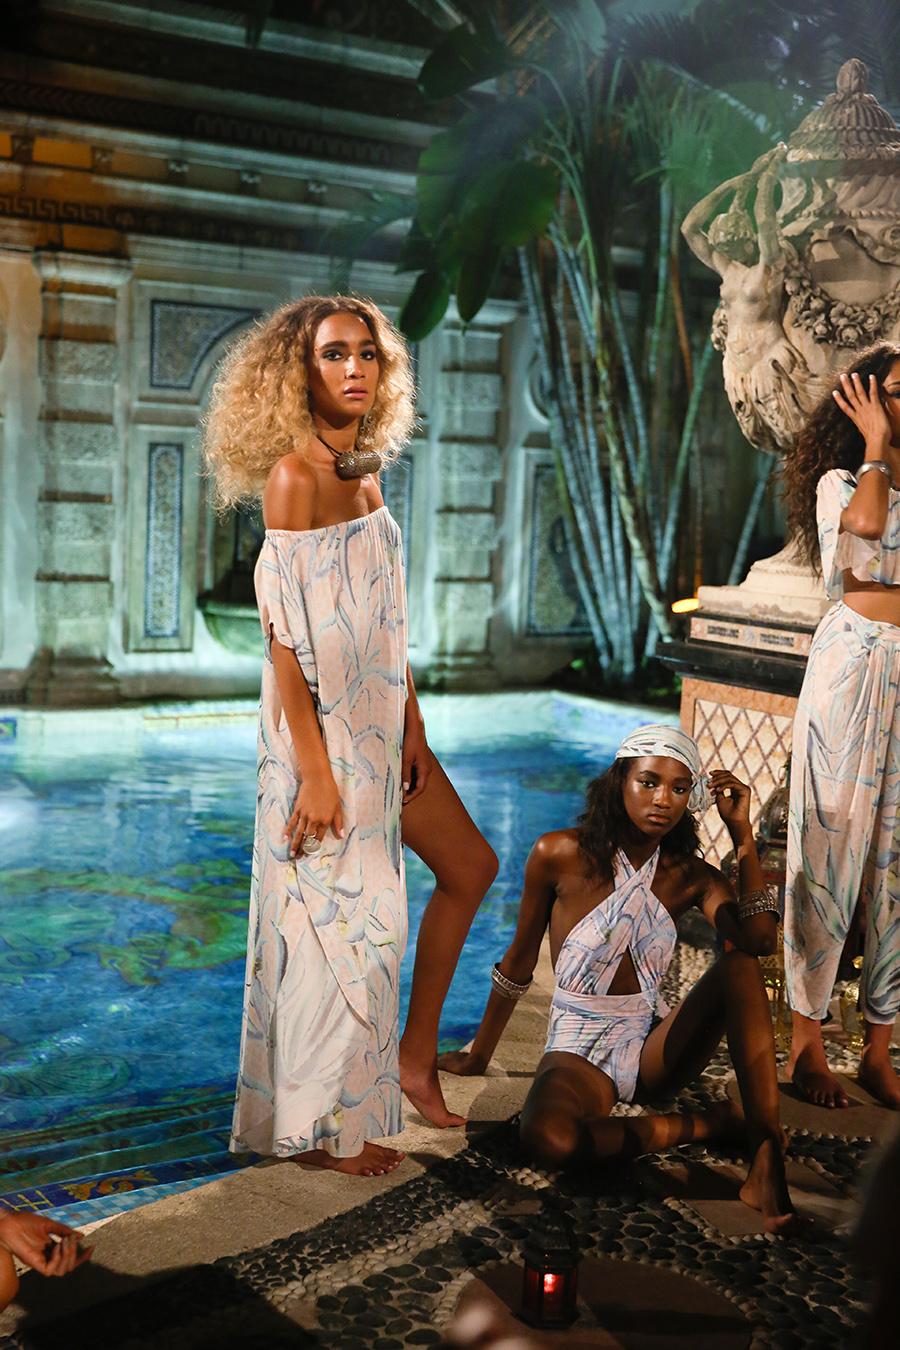 * Mara Hoffman Resort 2016 Versace Moroccan 270